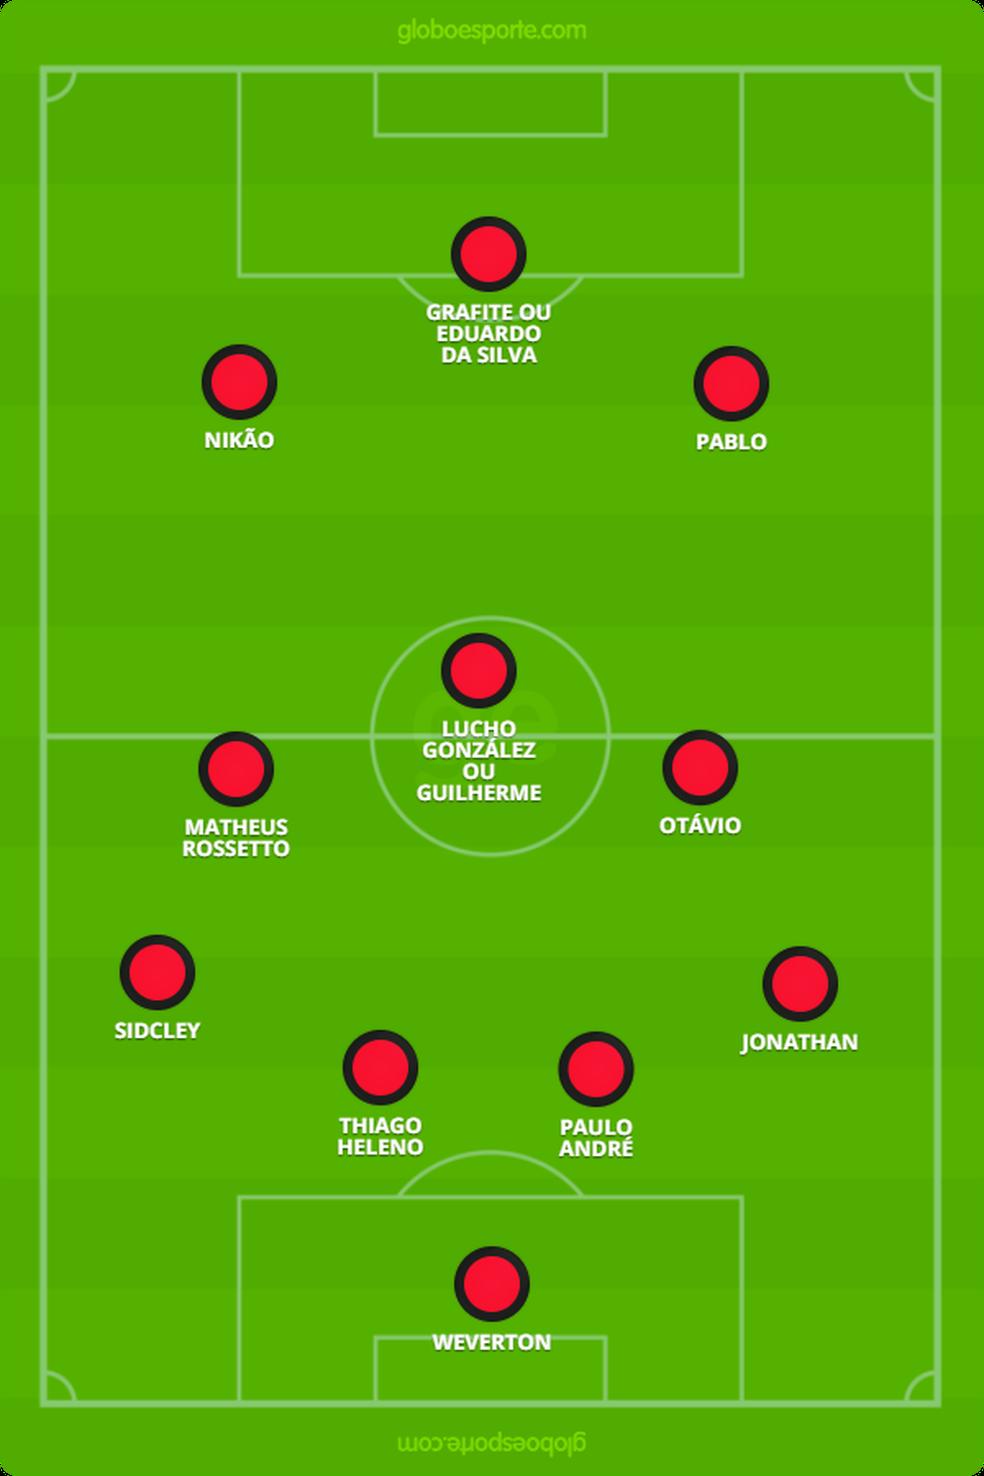 Provável escalação do Atlético-PR para o jogo deste domingo (Foto: Reprodução)